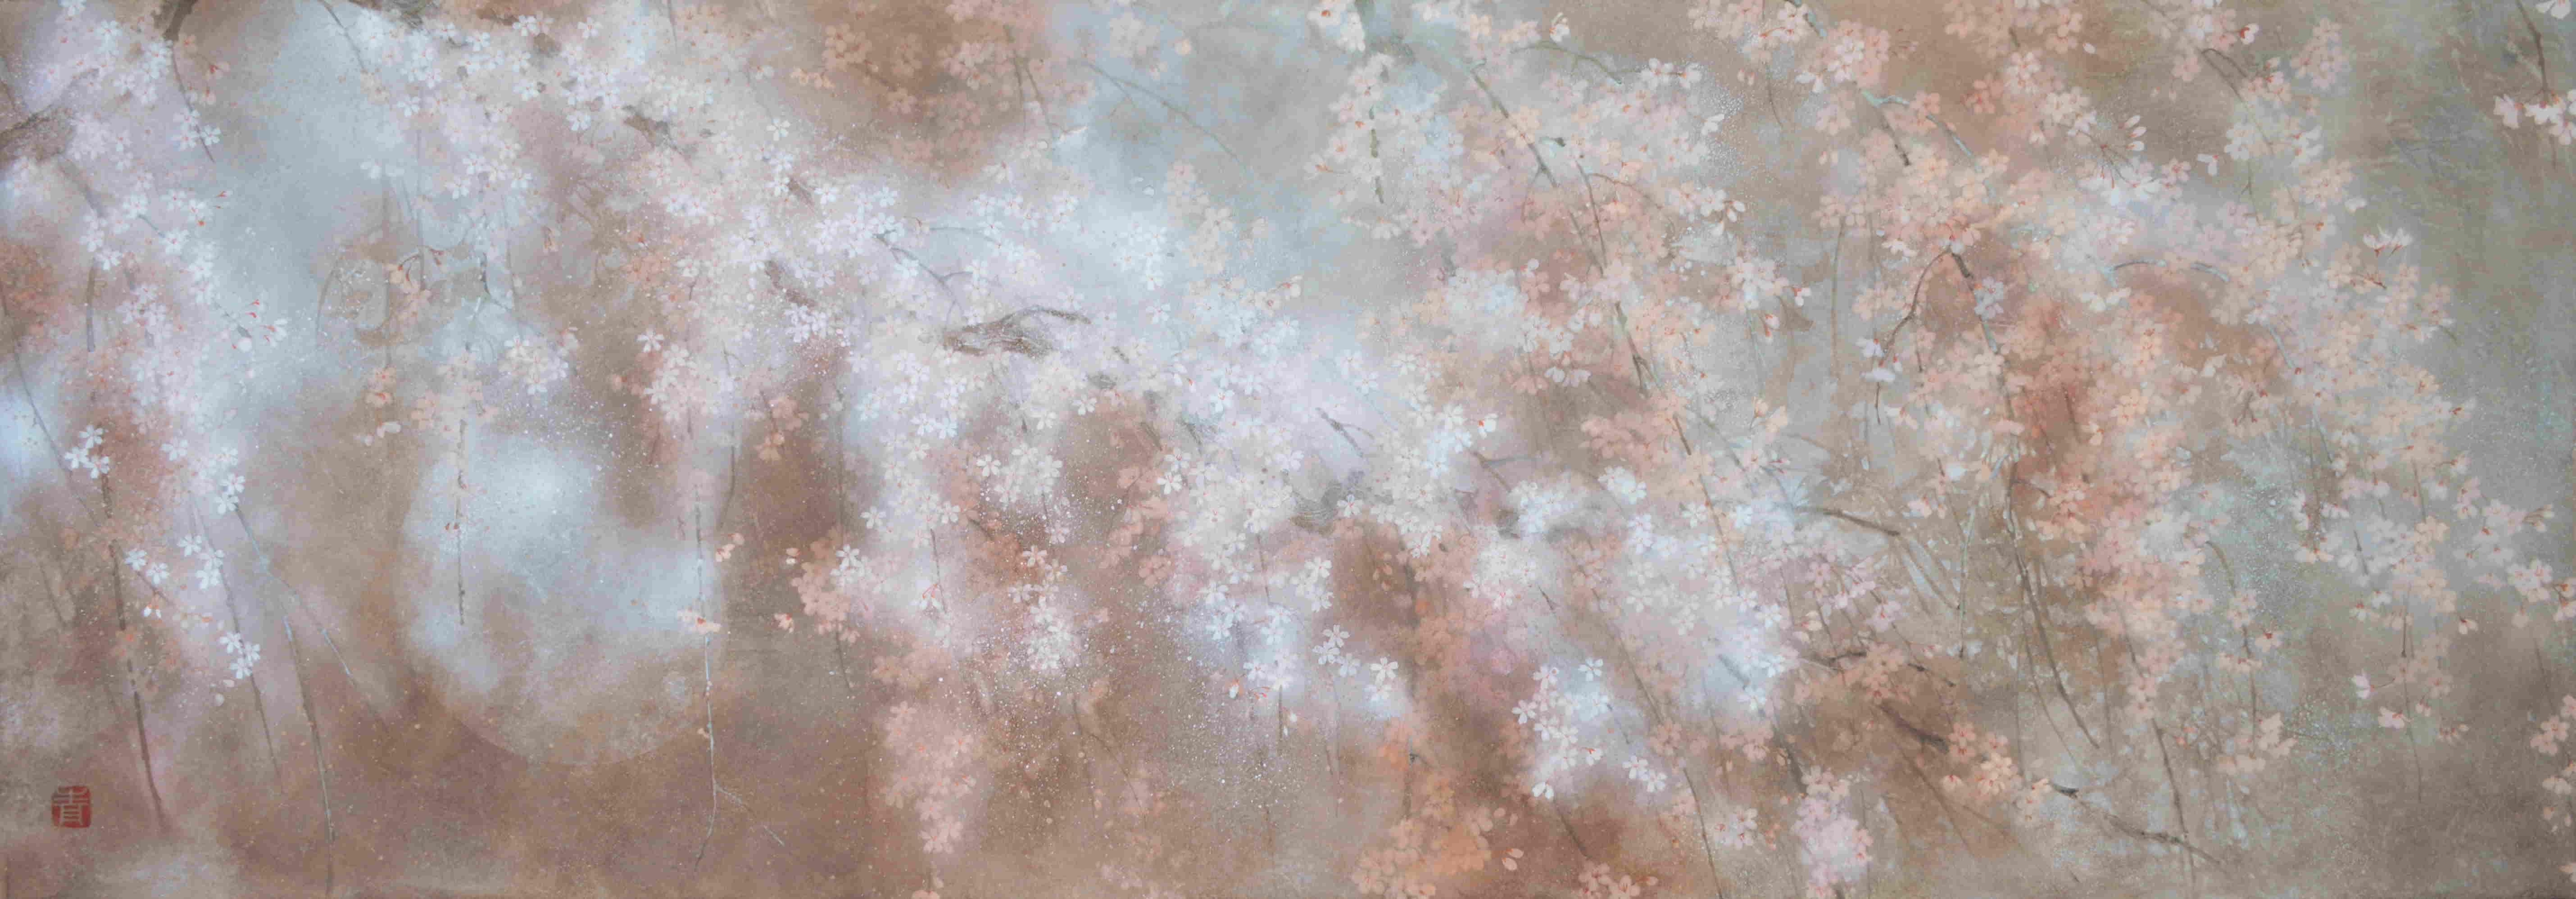 Souffle - 63x180 cm / 2012